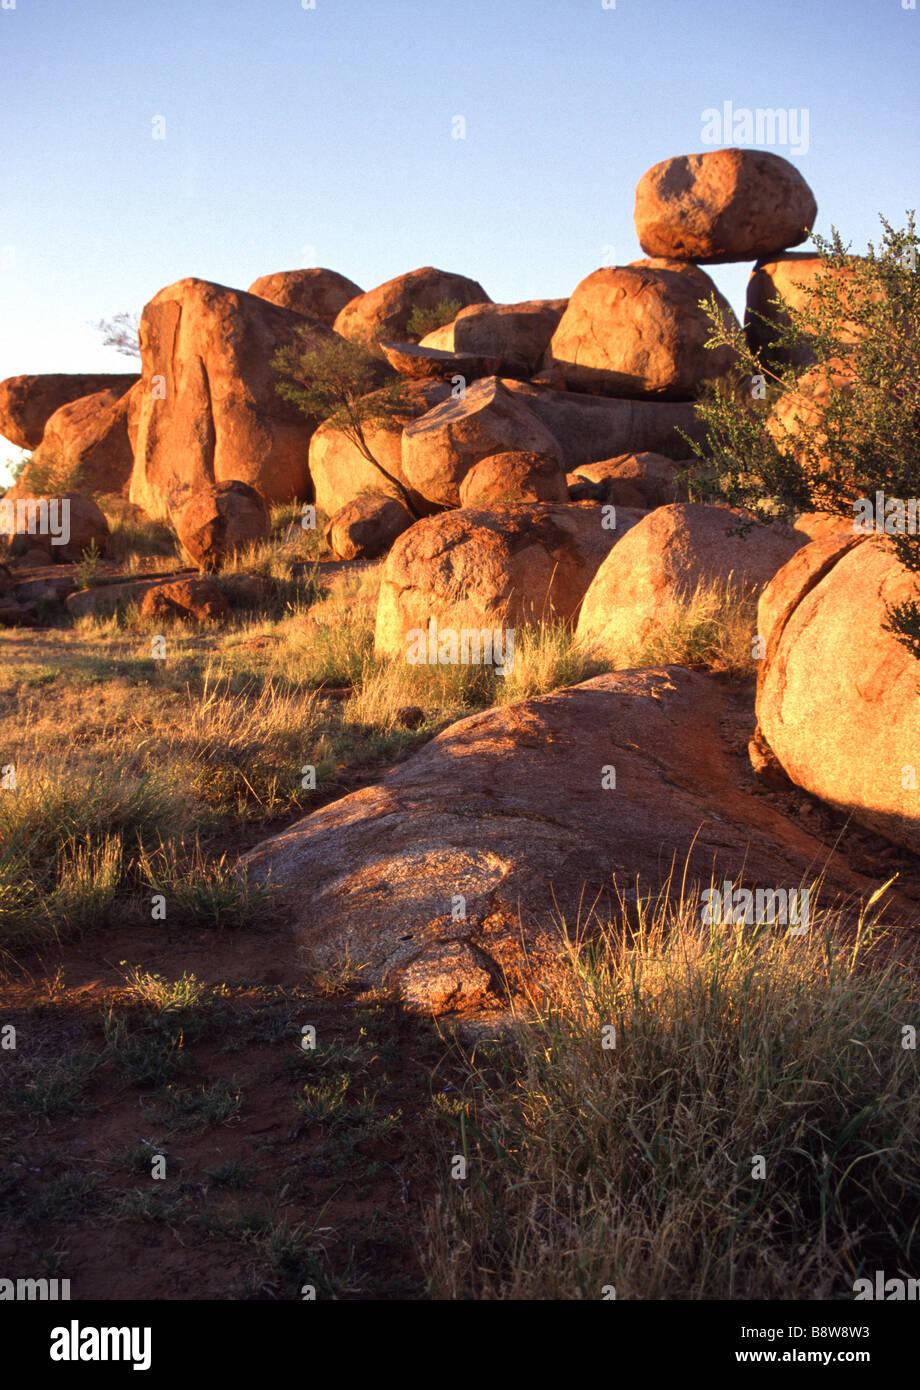 Devils Marbles Granite rocks - Stock Image